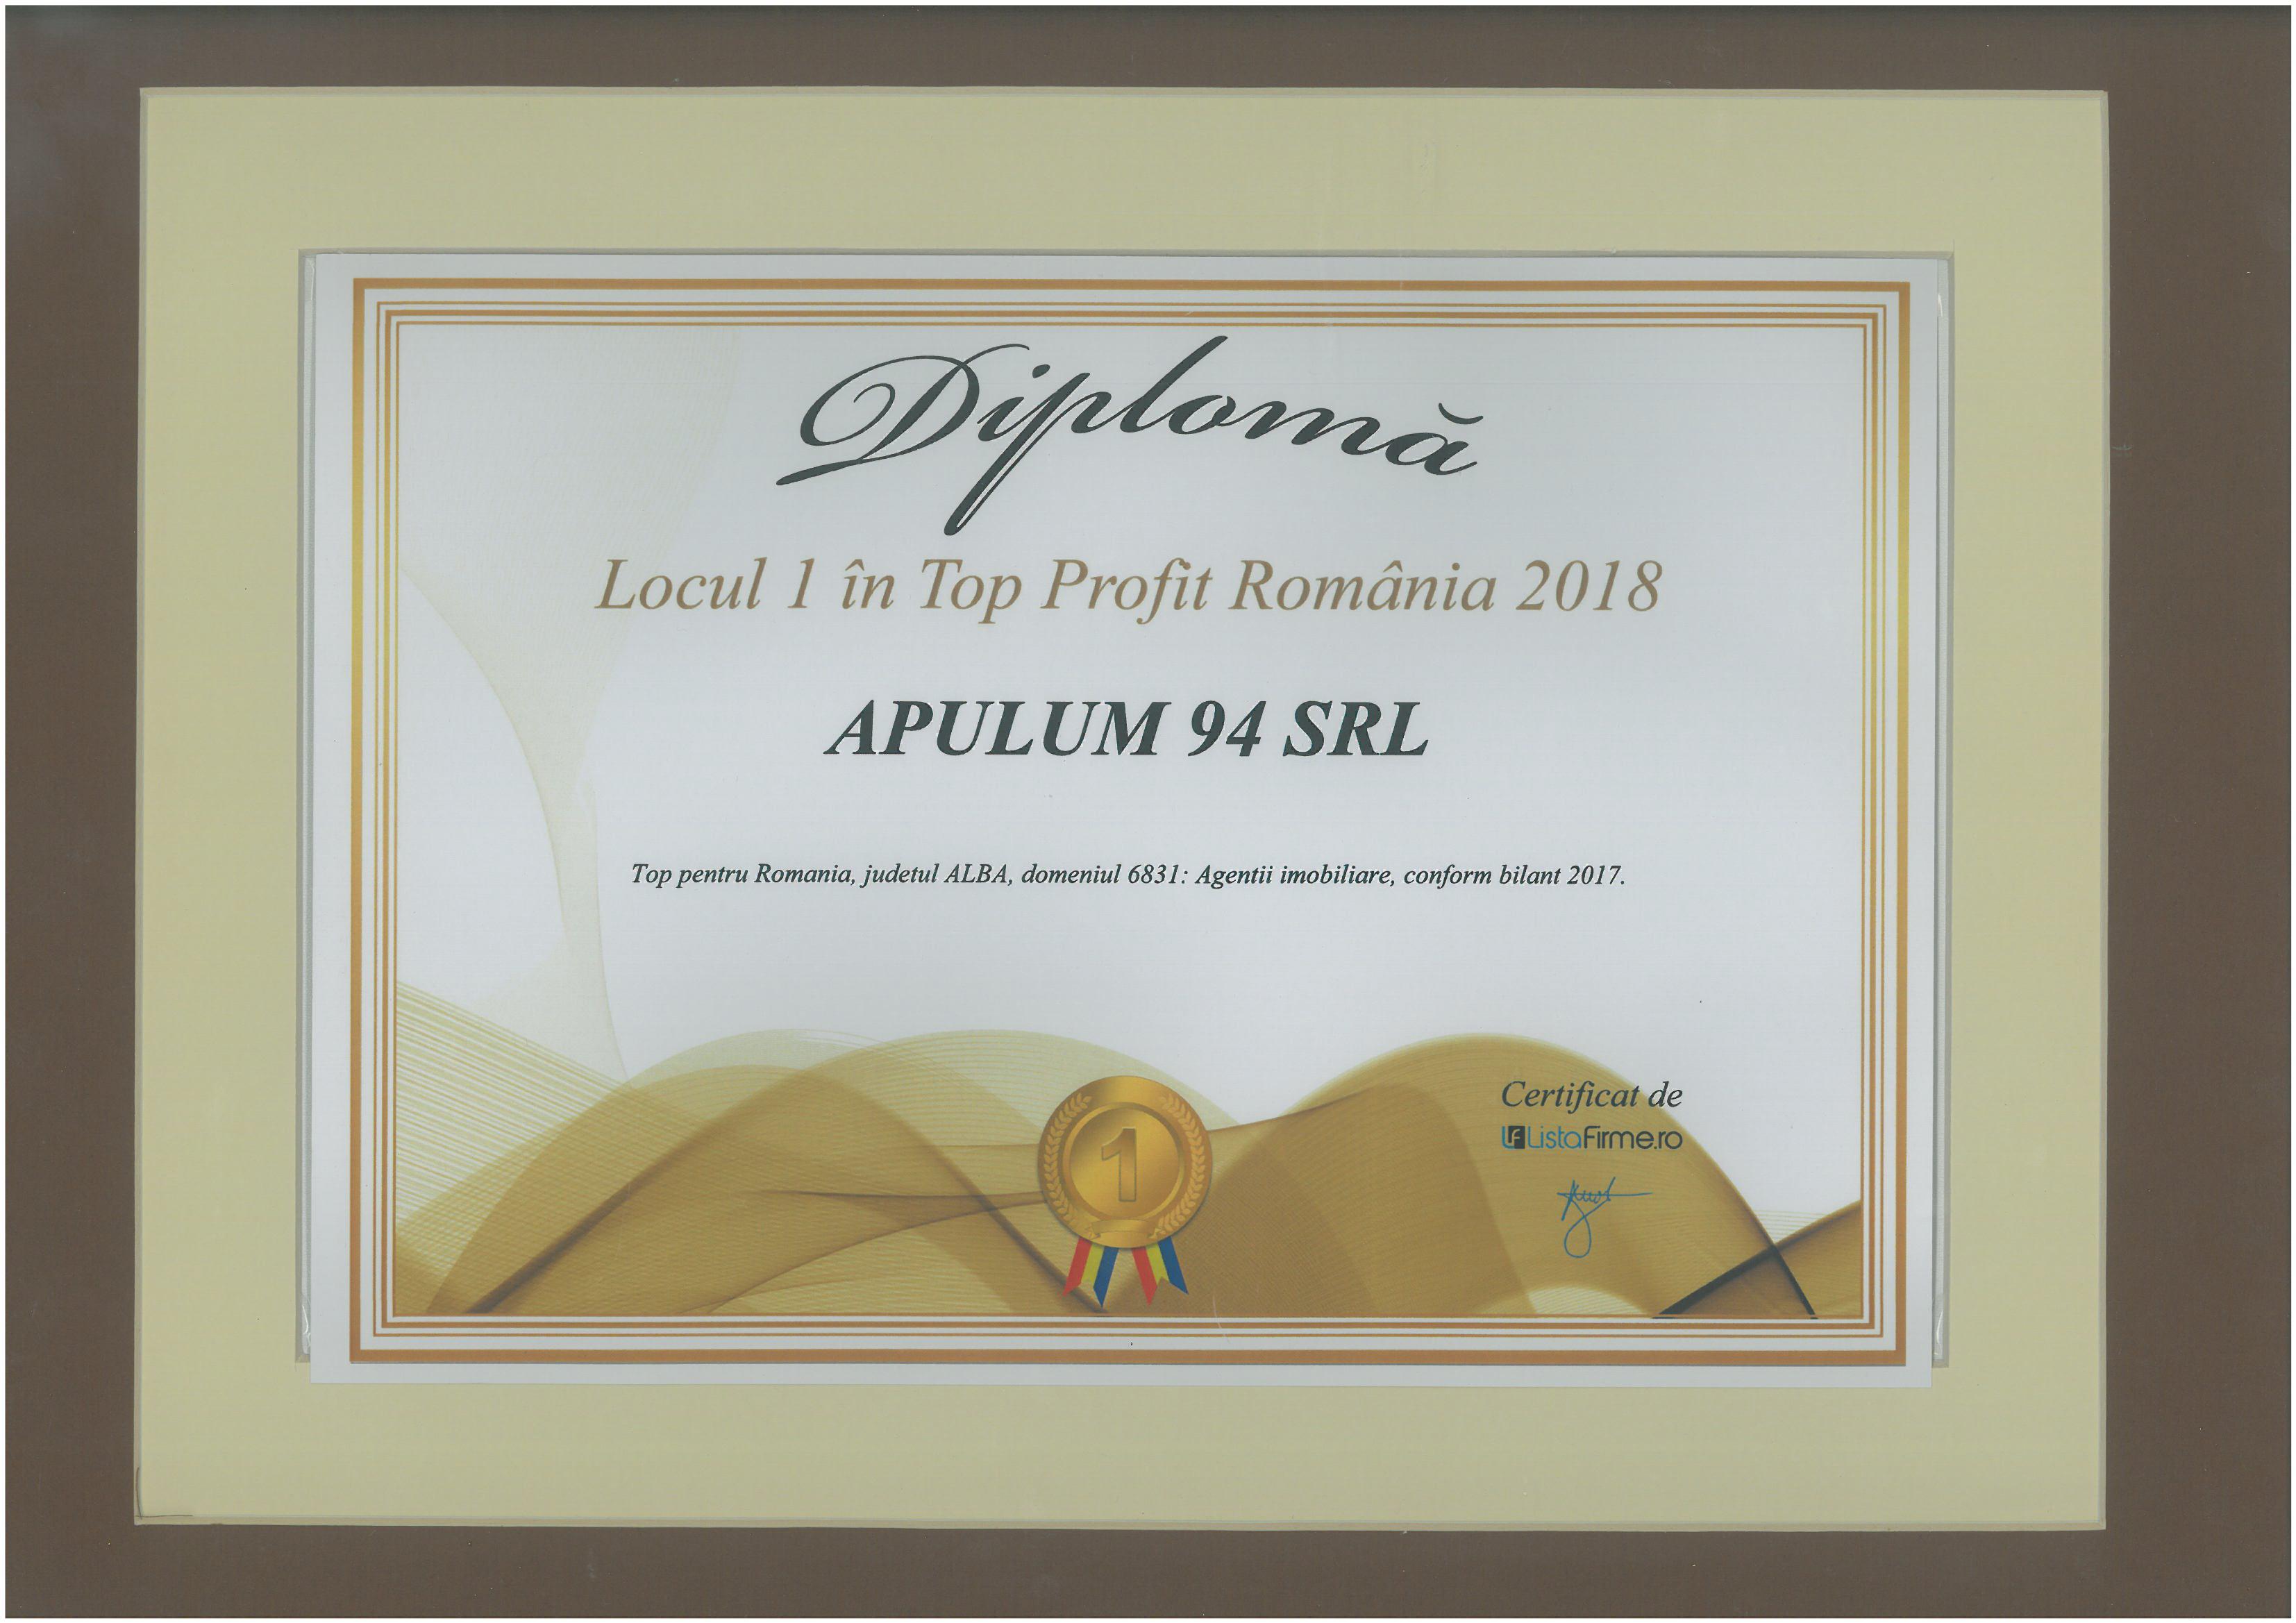 Diploma Top Profit Romania – 2018 - Locul 1